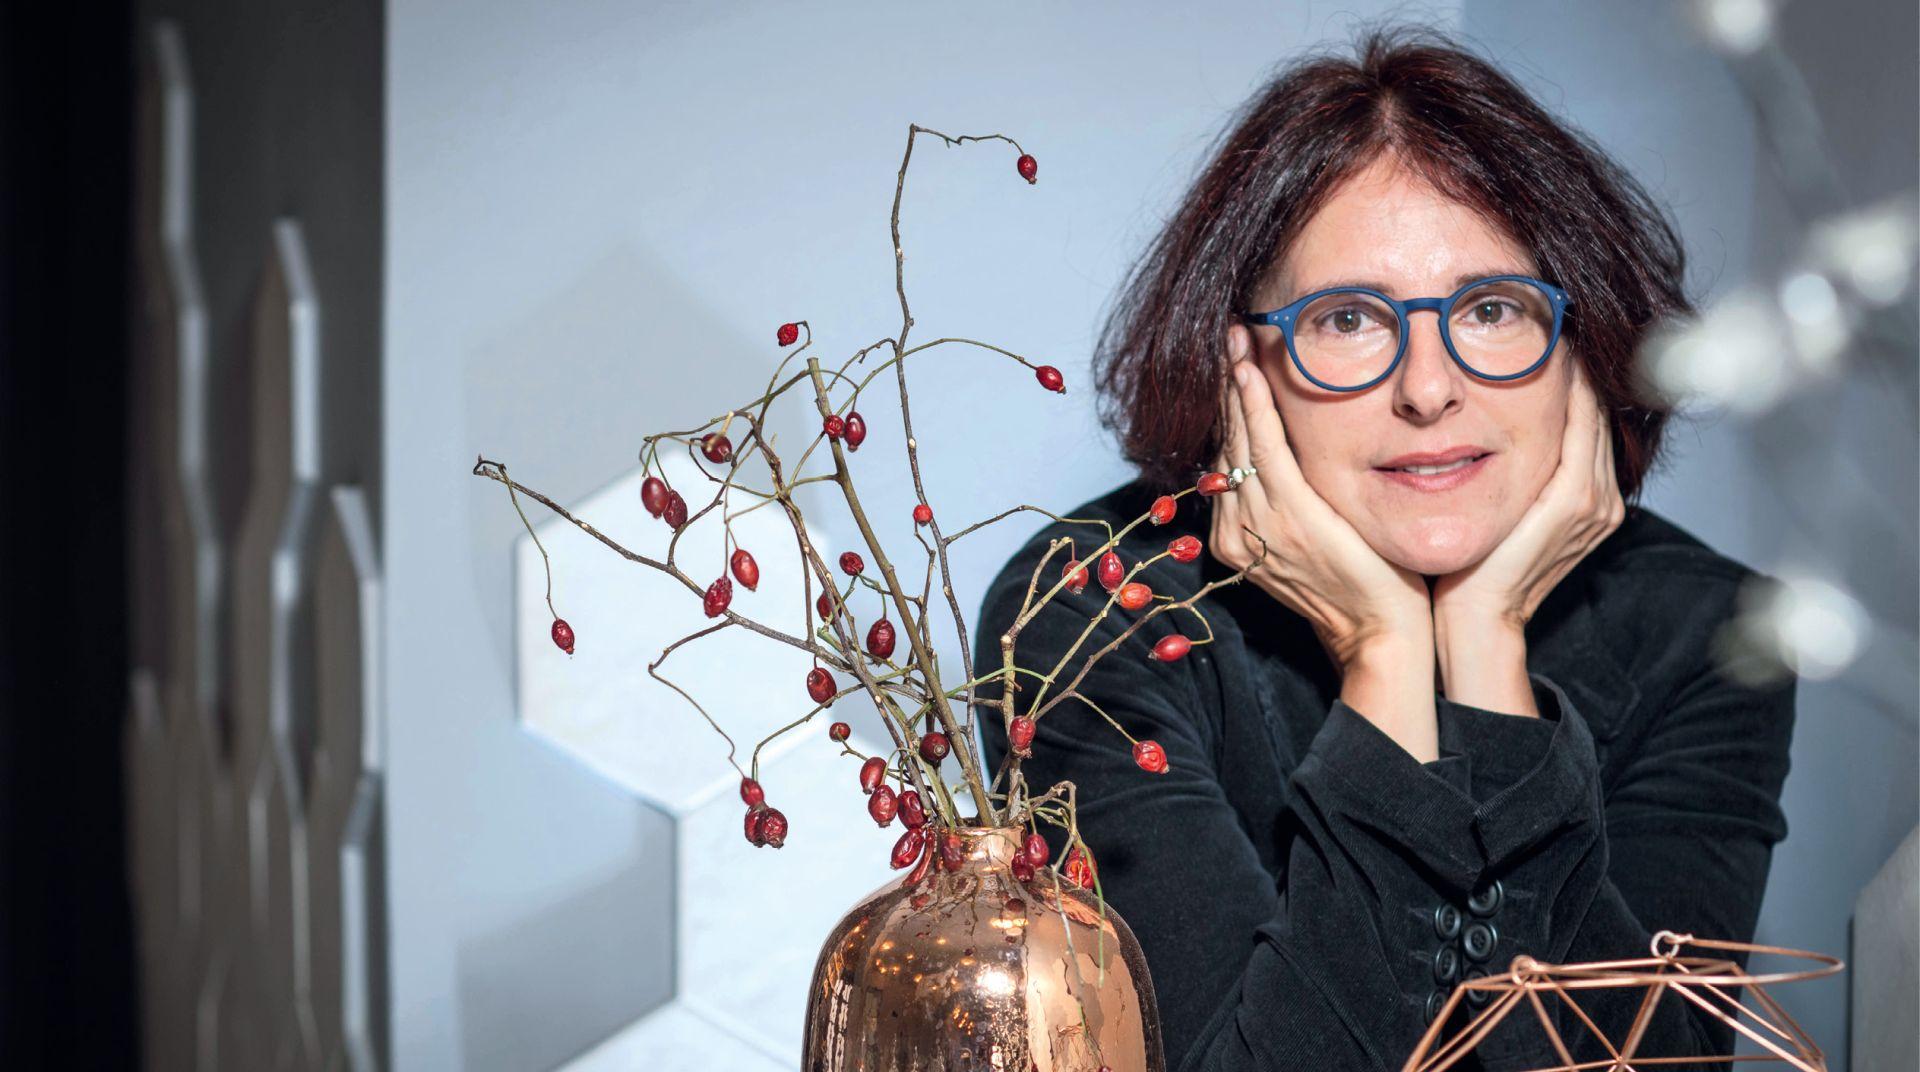 INTERVIEW: KSENIJA KUŠEC 'Imamo iste moralne dvojbe, a tolerancija nam je deklarativna'